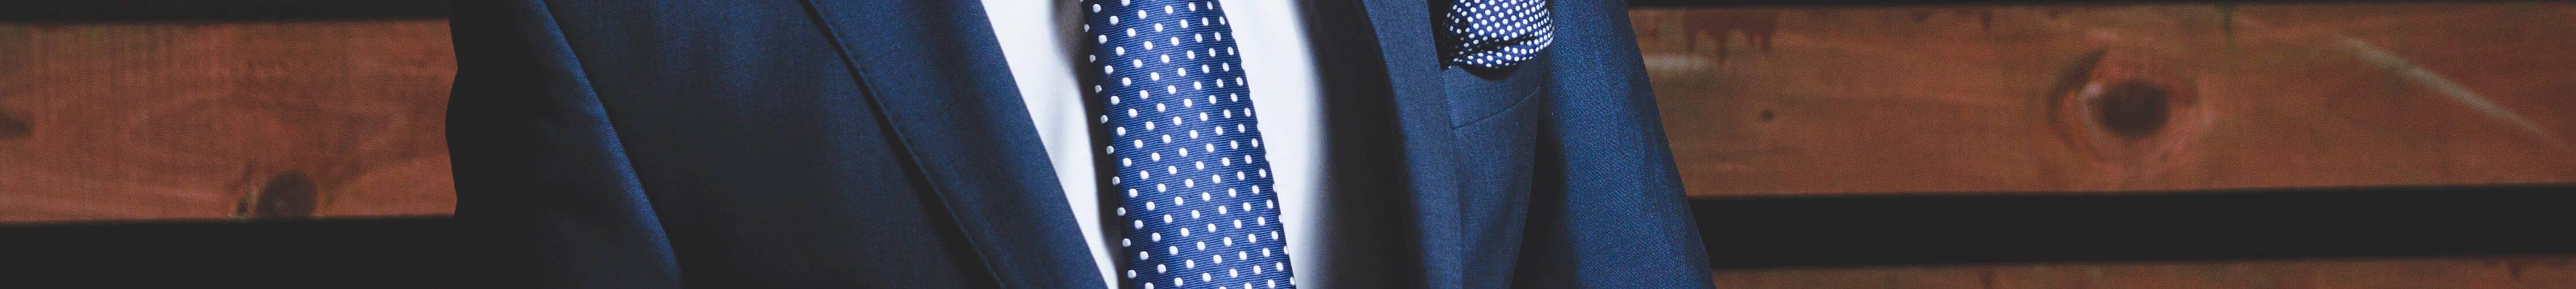 Selbstbewusstsein in der Bewerbung: Mann im Anzug in selbstbewusster Haltung